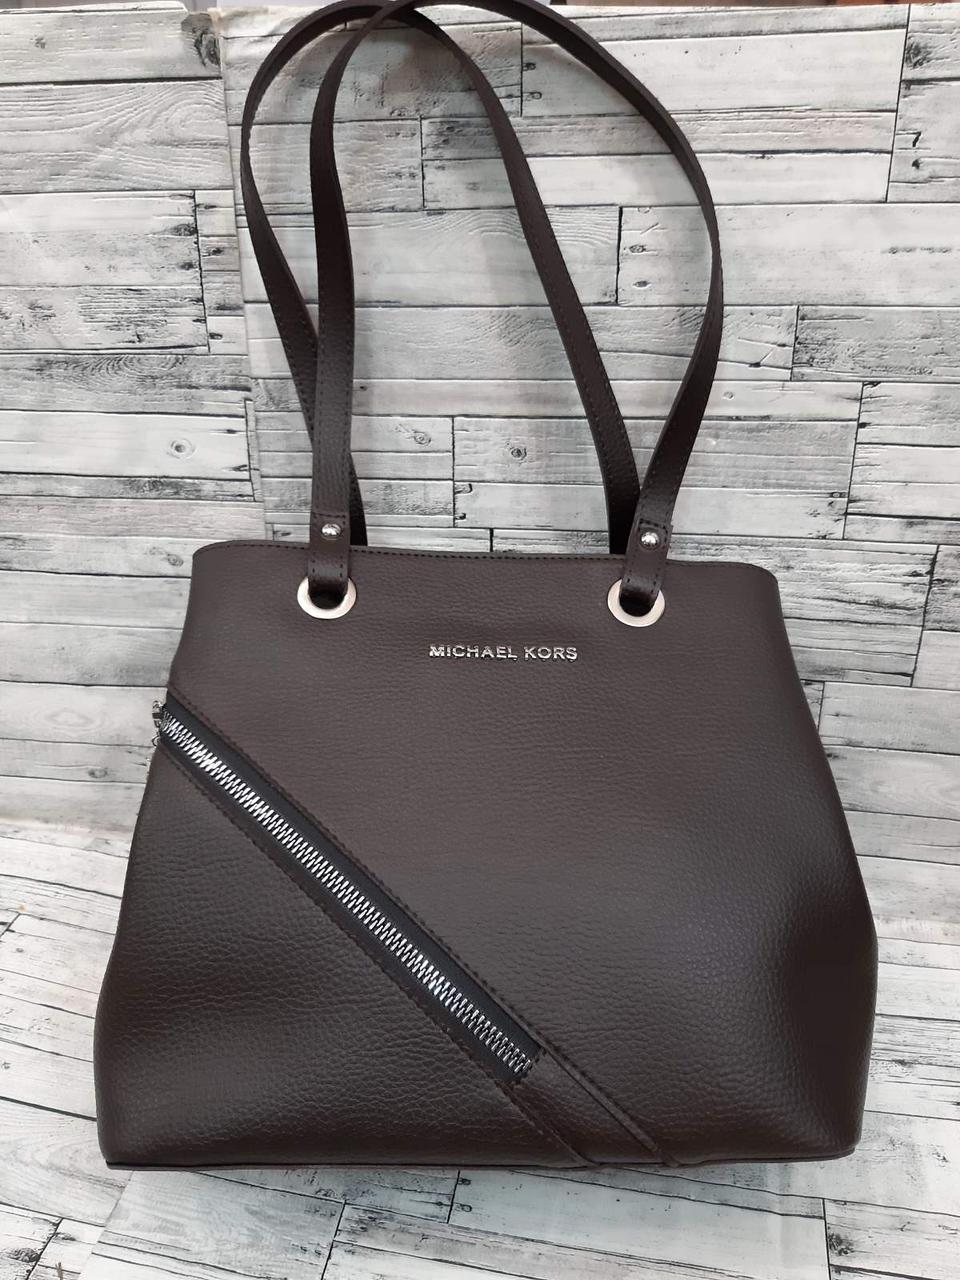 Женская Сумочка Michael Kors сумка коричневого цвета из эко-кожи.